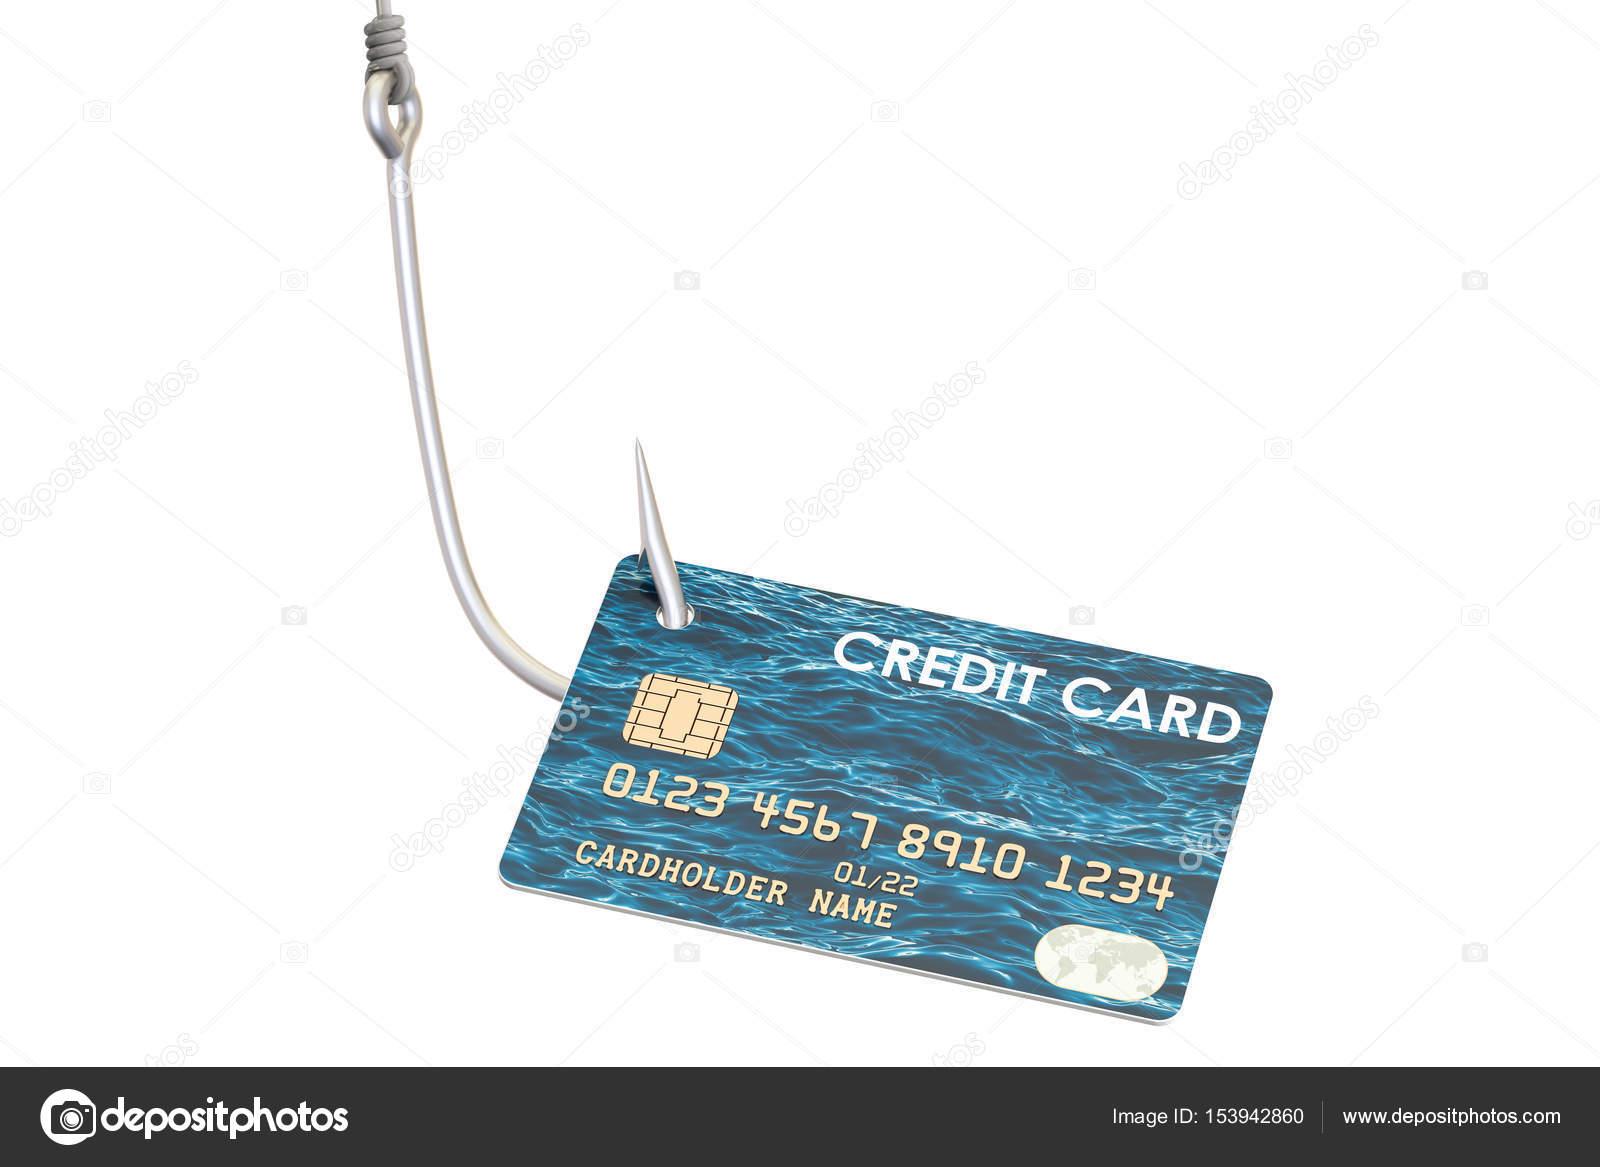 No Credit Card Hook Up